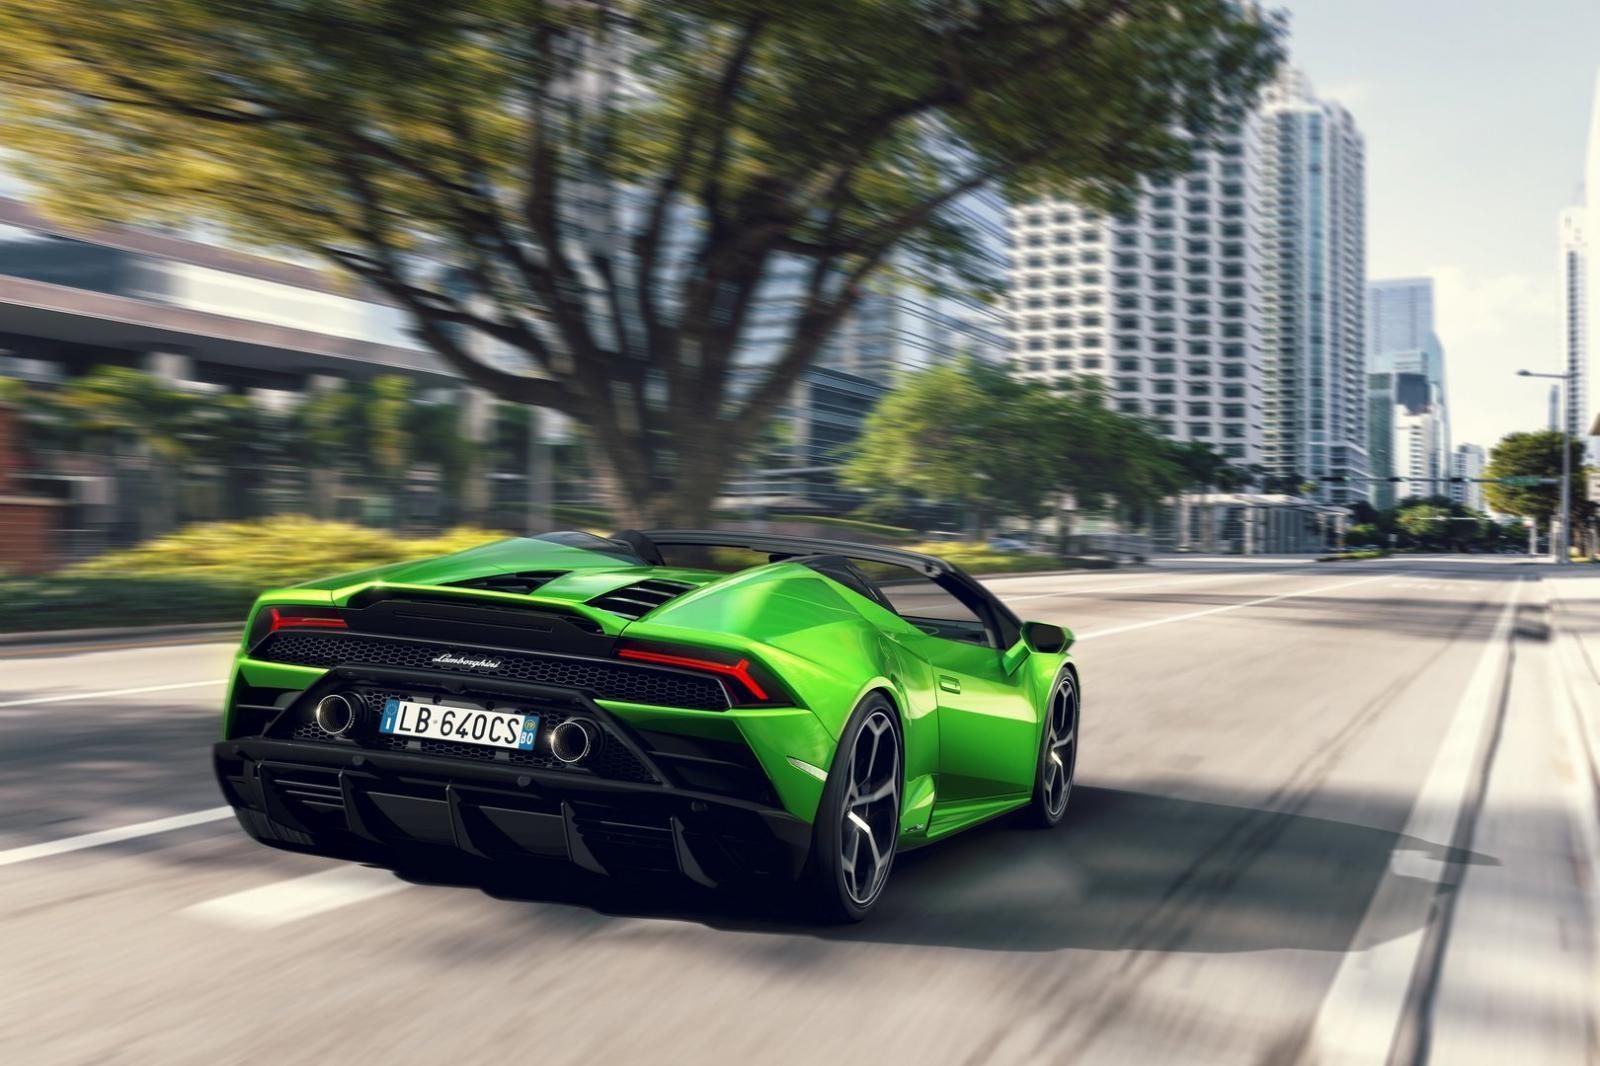 Siêu xe mui trần tăng tốc 0-100 km/h trong 3,1 giây